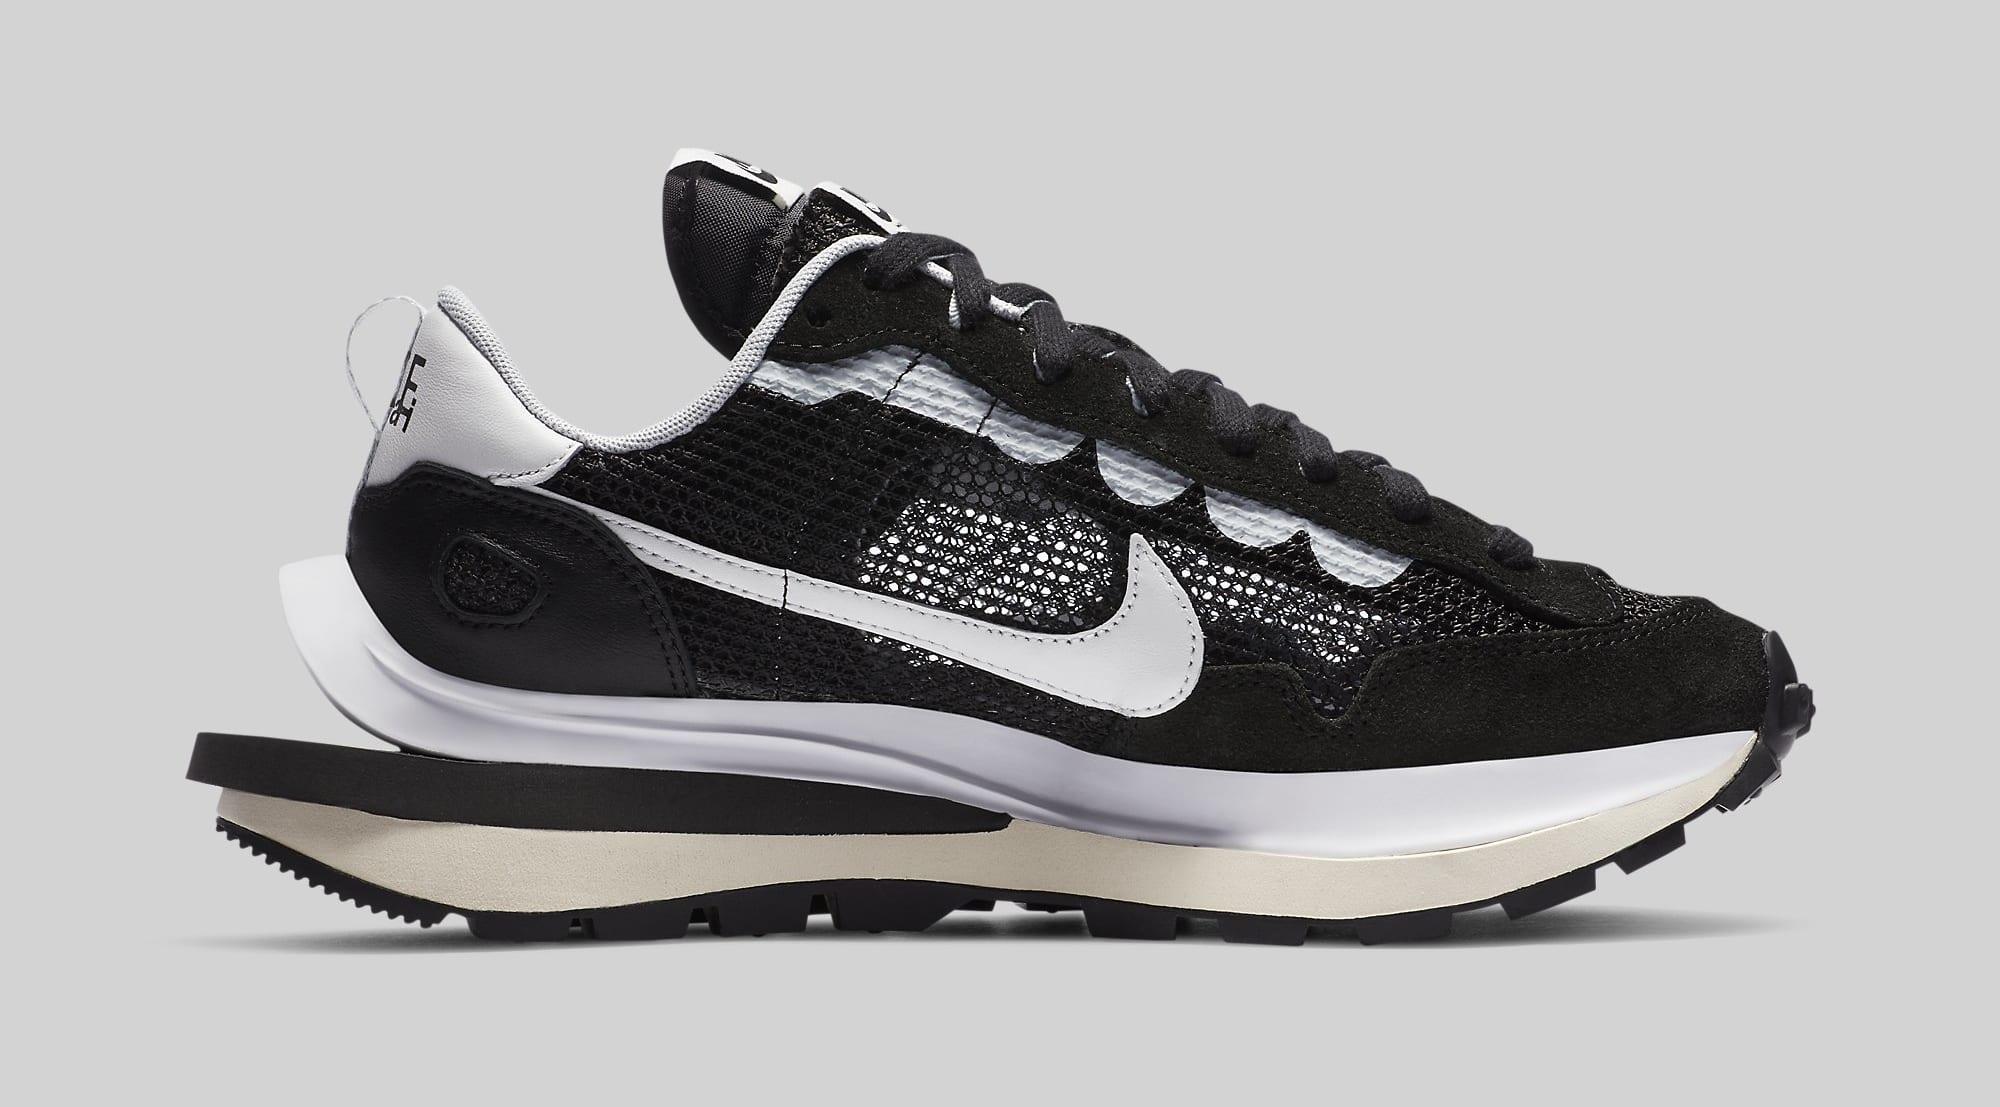 Sacai x Nike VaporWaffle 'Black' CV1363-001 Medial